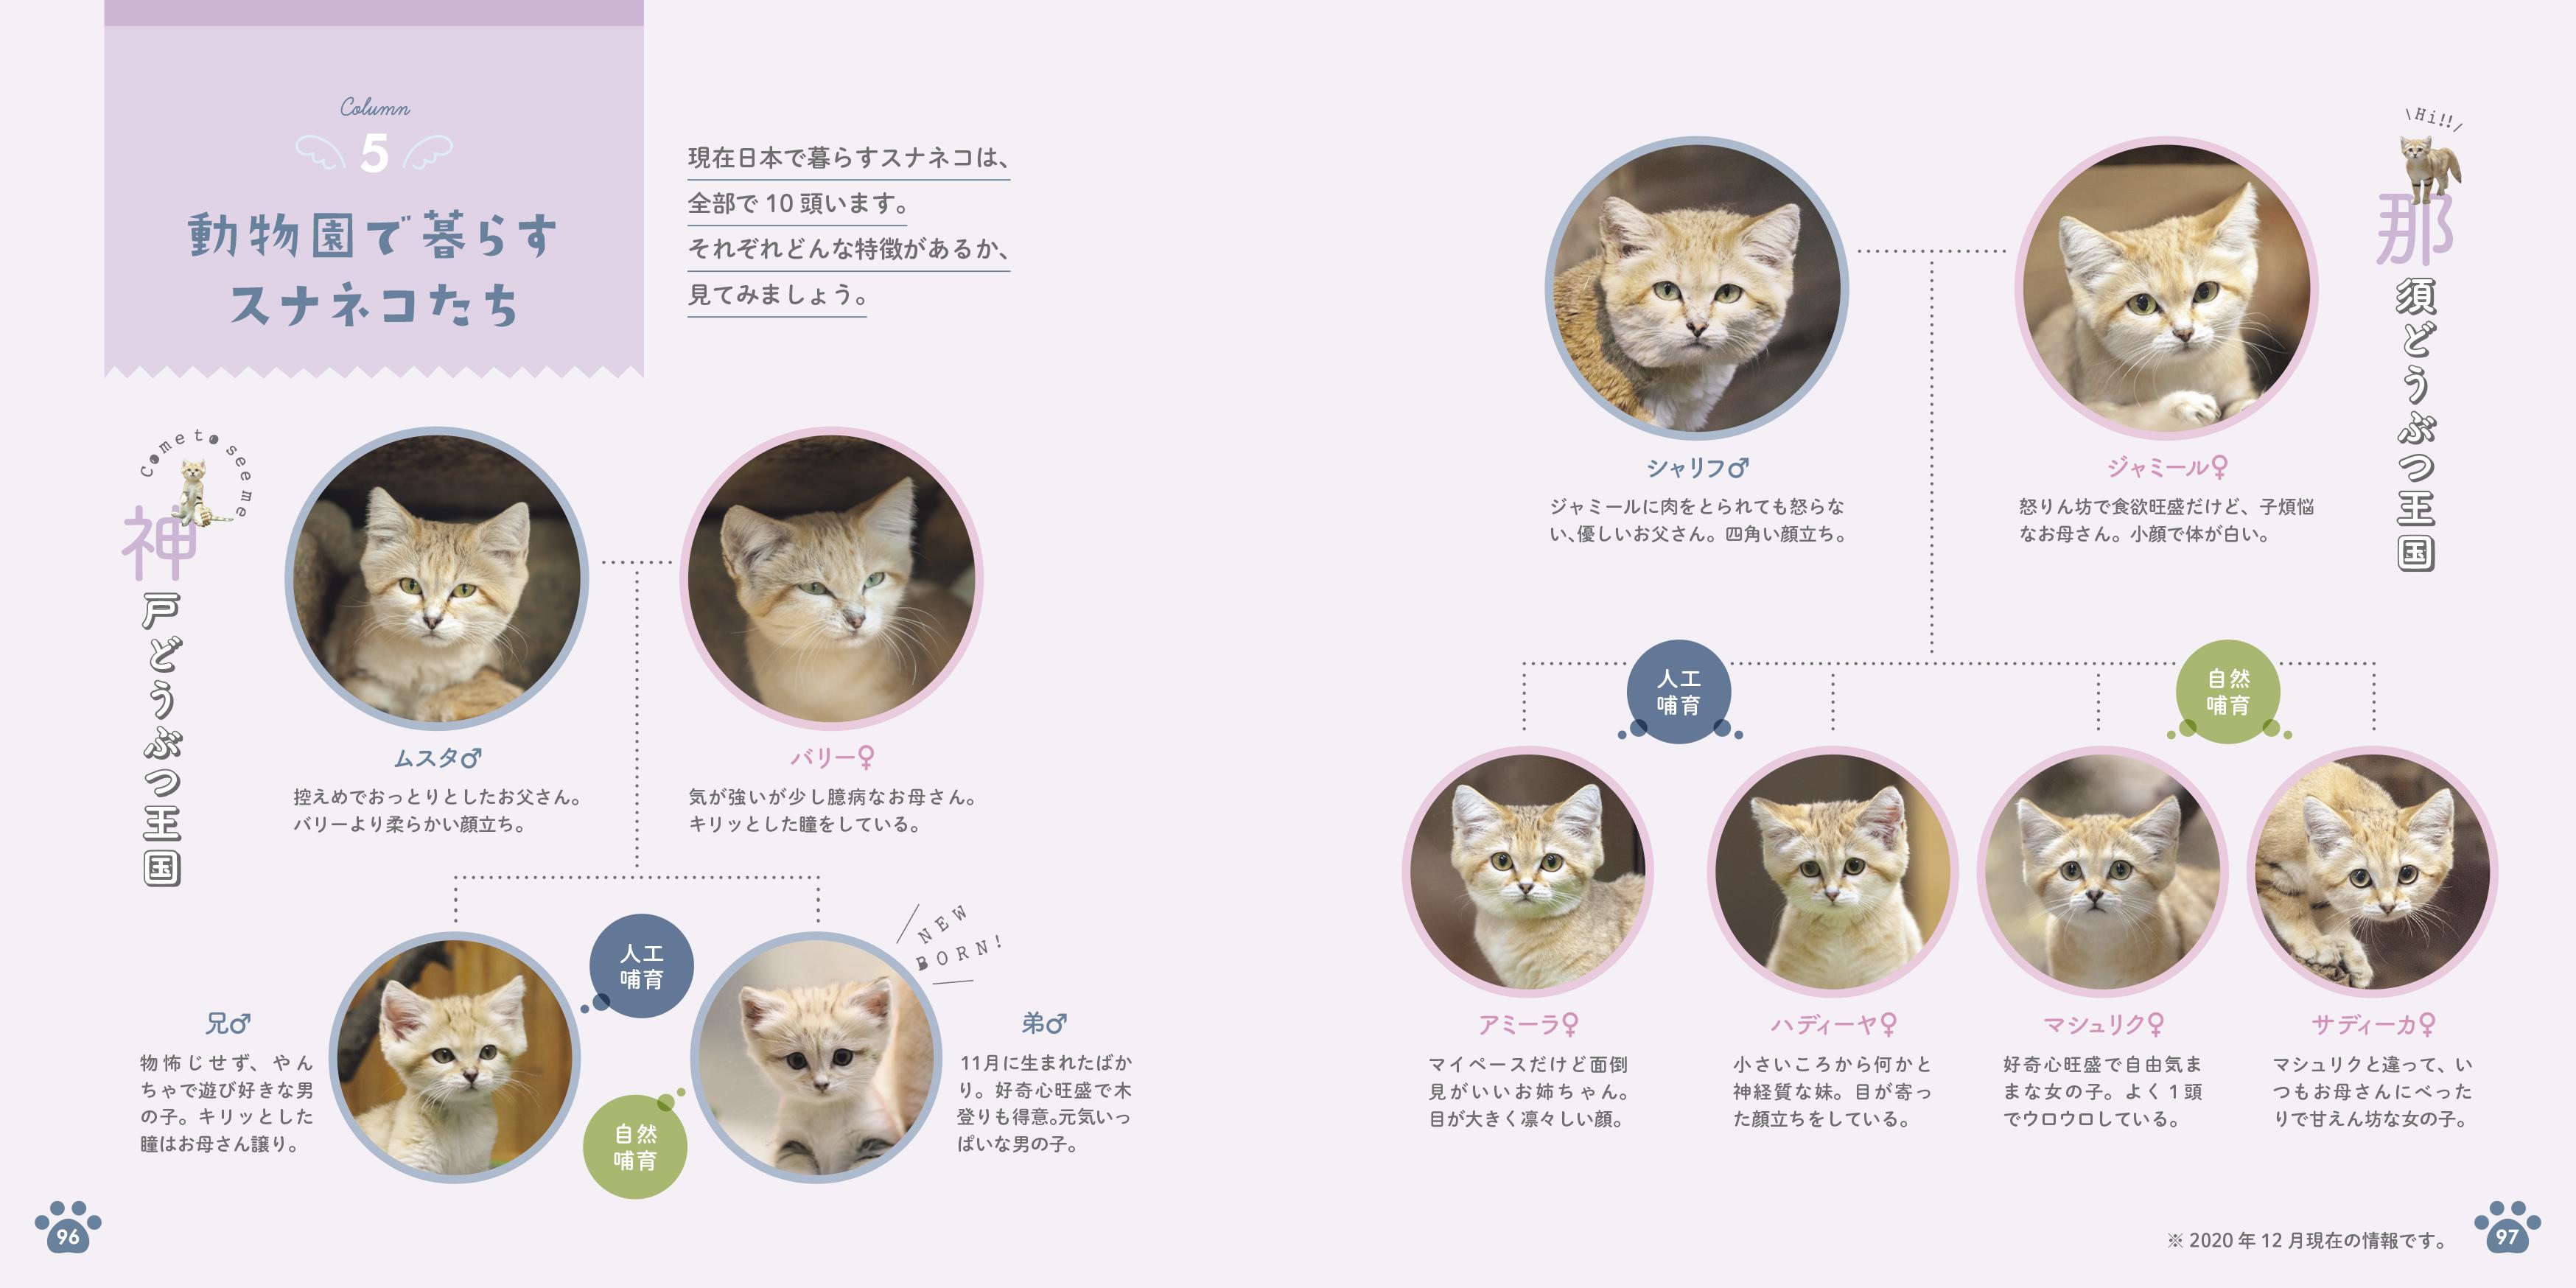 「那須どうぶつ王国、神戸どうぶつ王国で暮らすスナネコたちの家系図」紙面